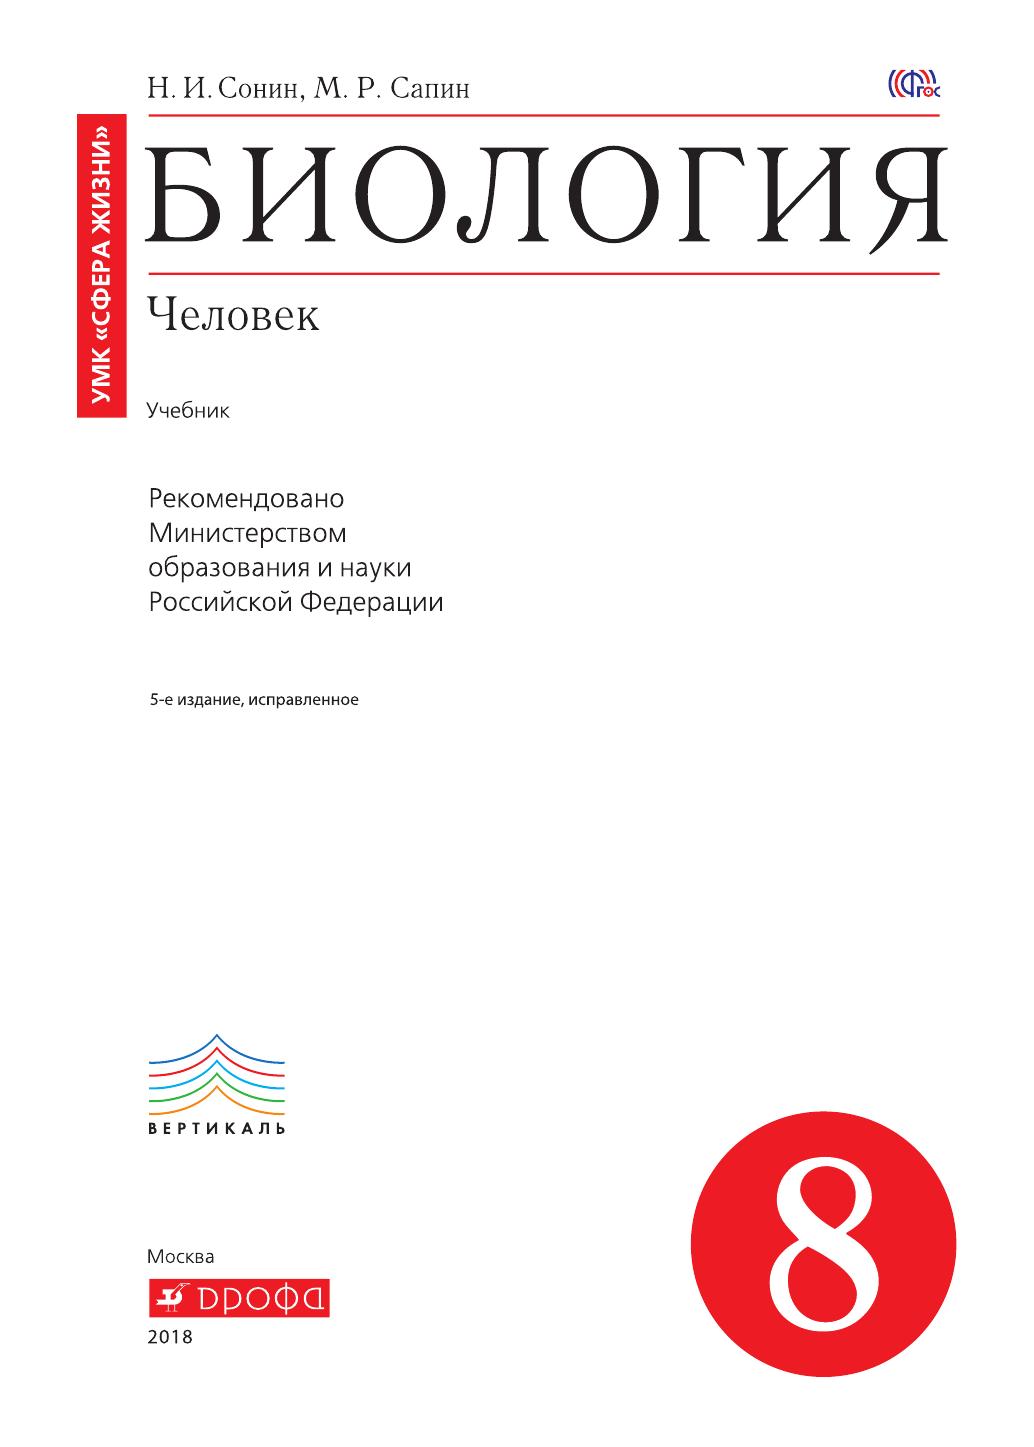 Биология 8 класс сонин сапинскачать pdf